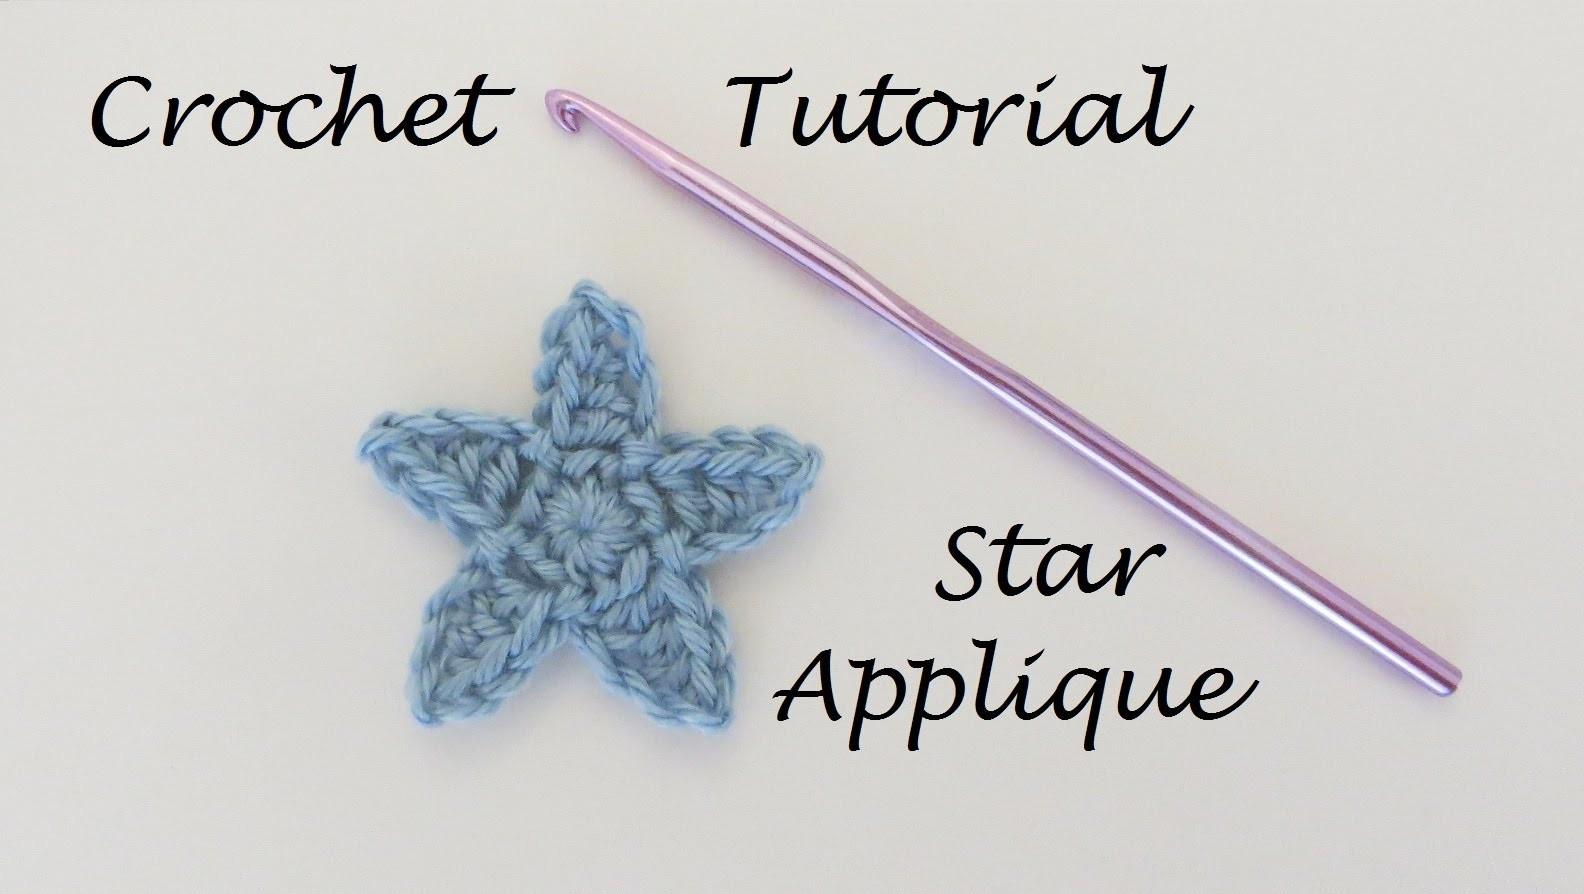 How to Crochet a Star Applique